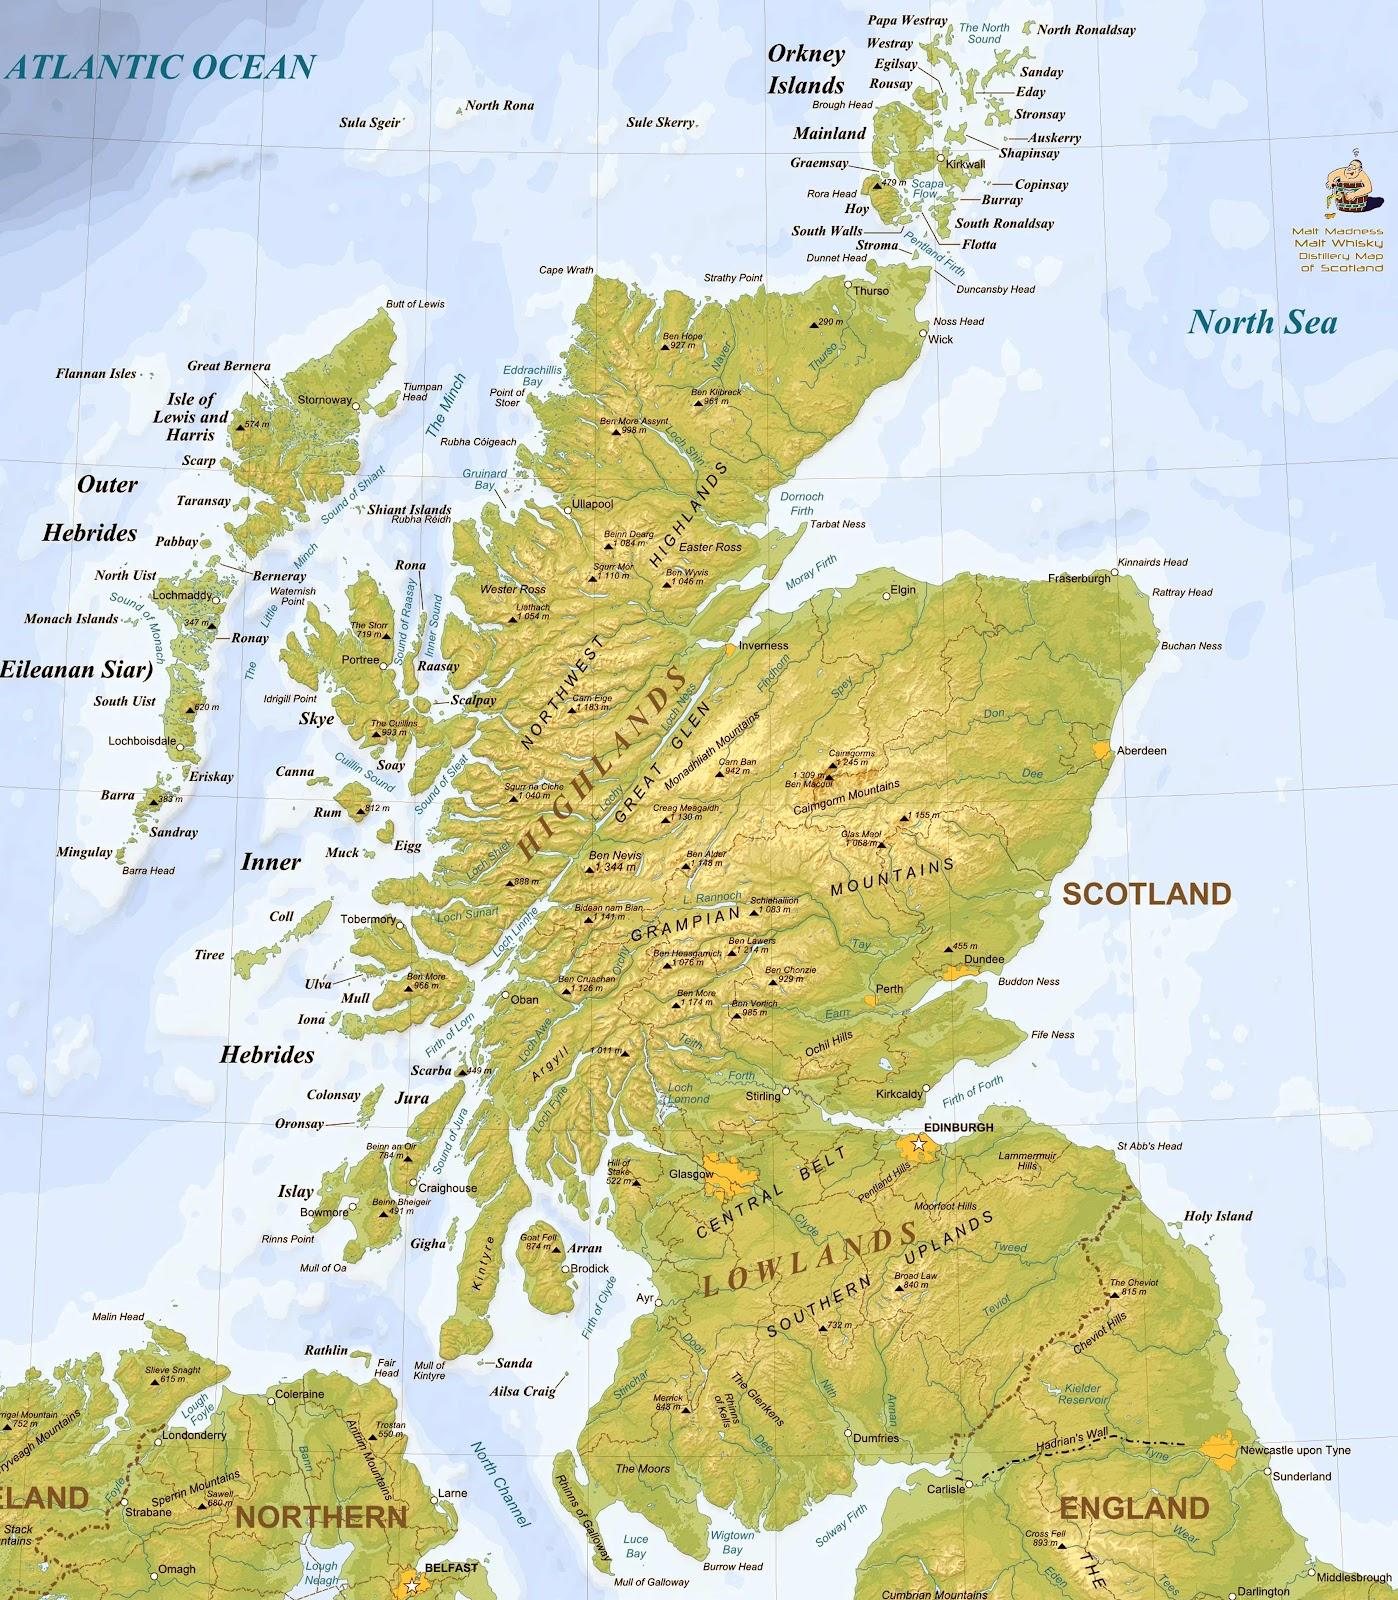 skottland karta Whiskyboden: Bra karta över alla destillerier på Skottland! skottland karta